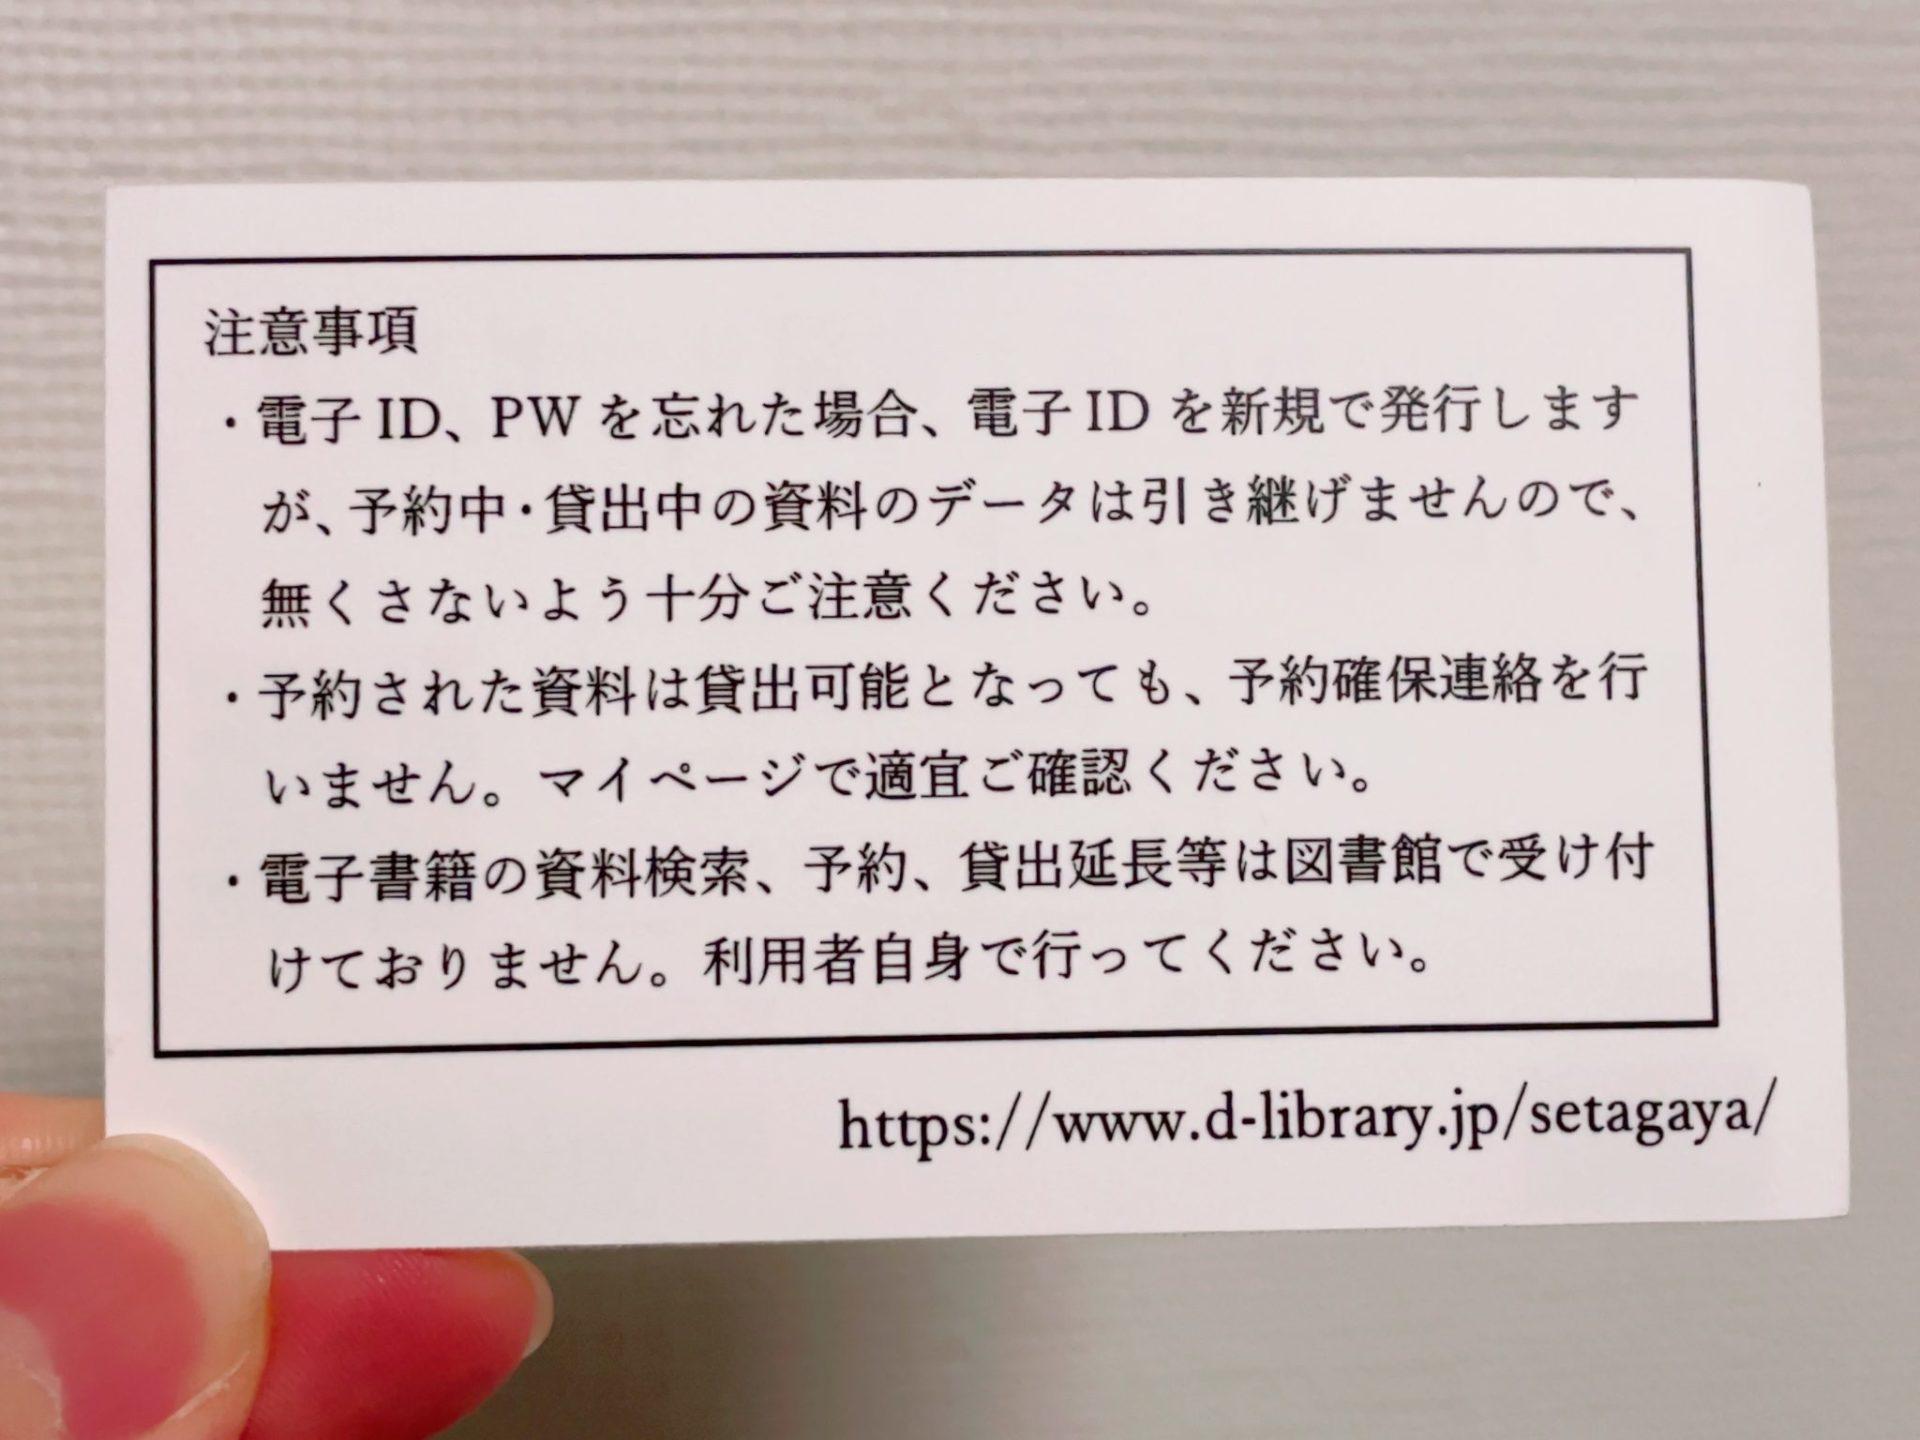 世田谷区 電子図書館(電子書籍サービス)のカード裏面